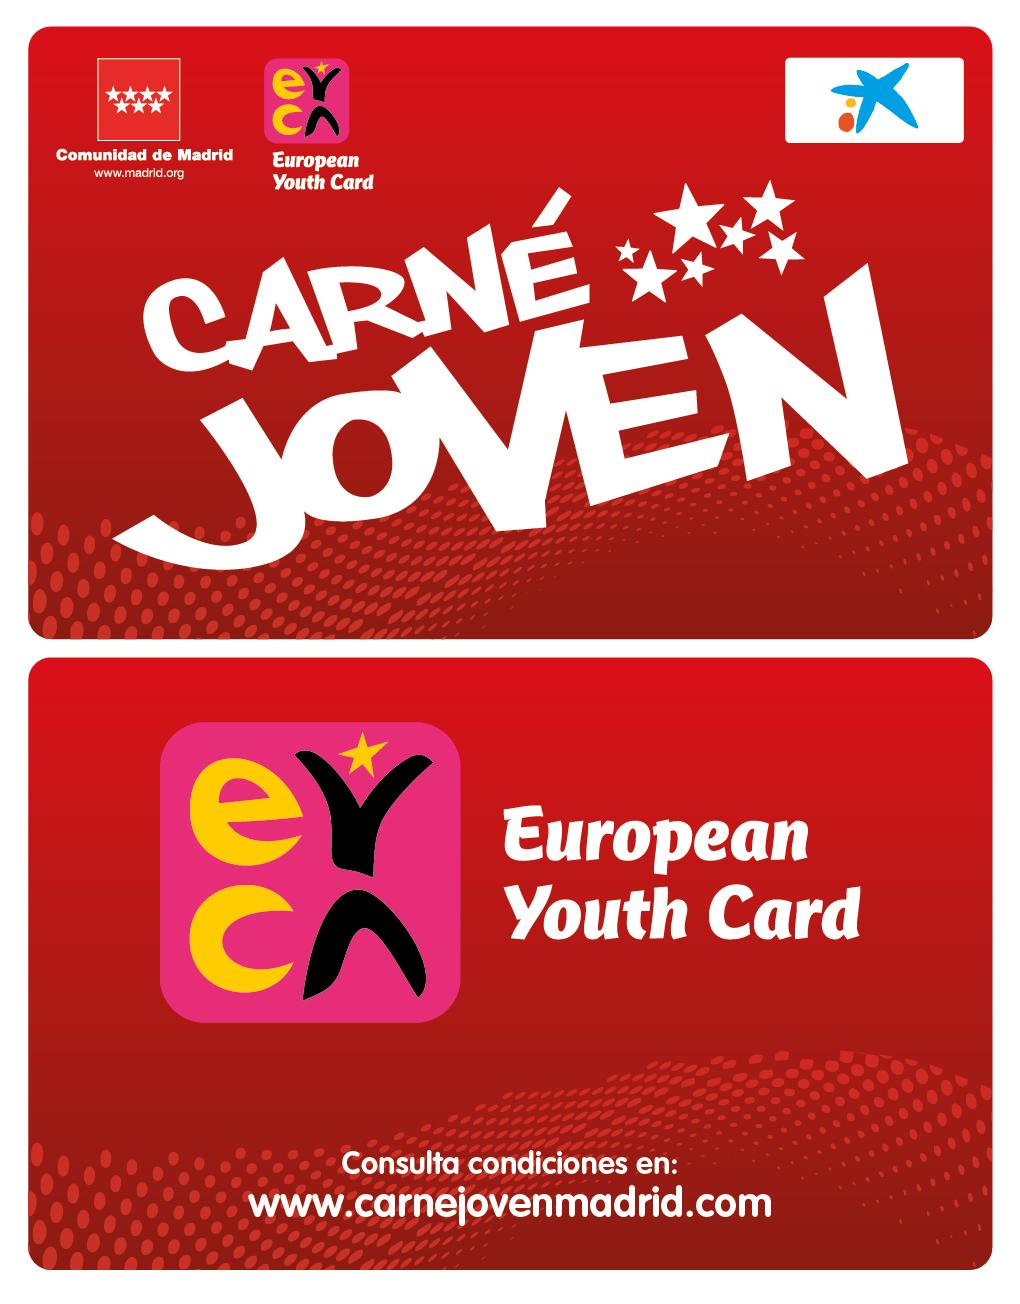 logo-cj-madrid-y-logo-cj-europeo